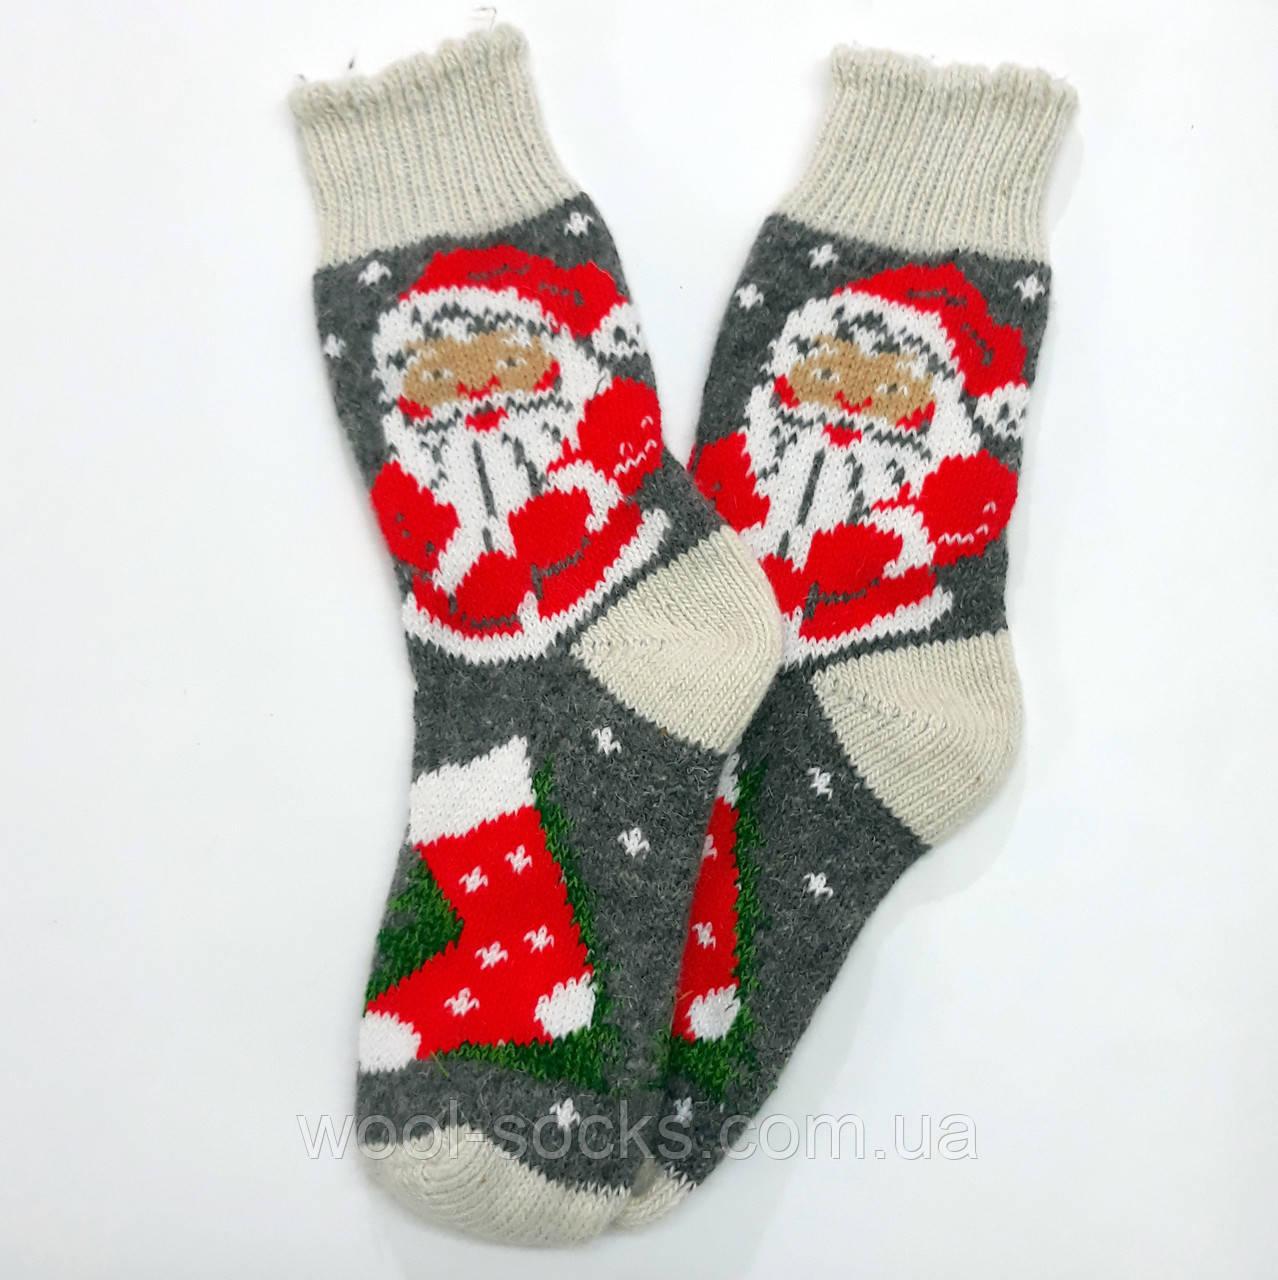 Носки из ангоры шерстяные новогодние